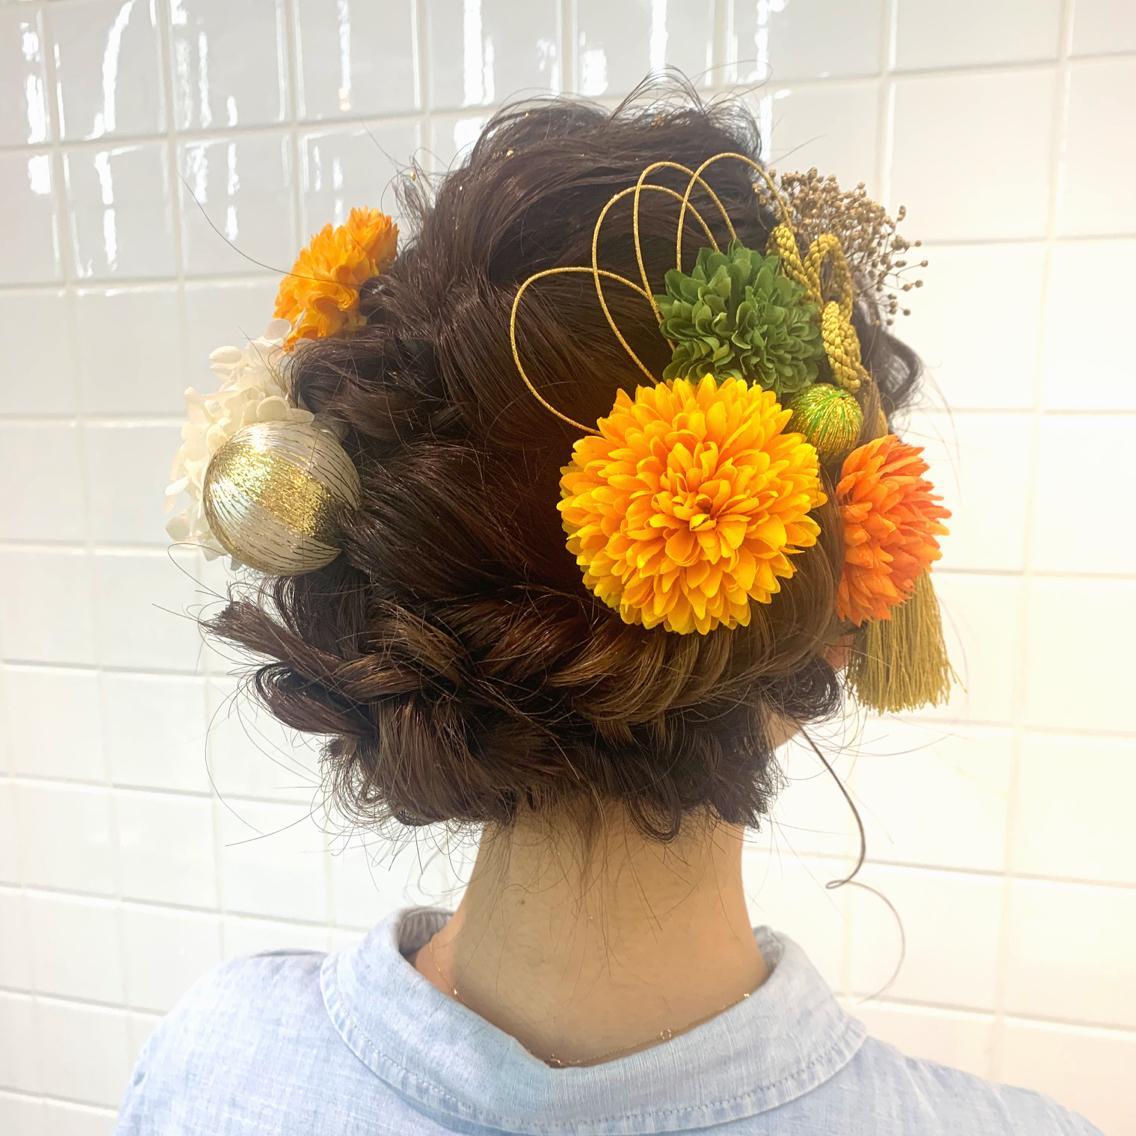 #ヘアアレンジ 成人式hairset パーティアレンジのクーポンは使えません🙇♂️